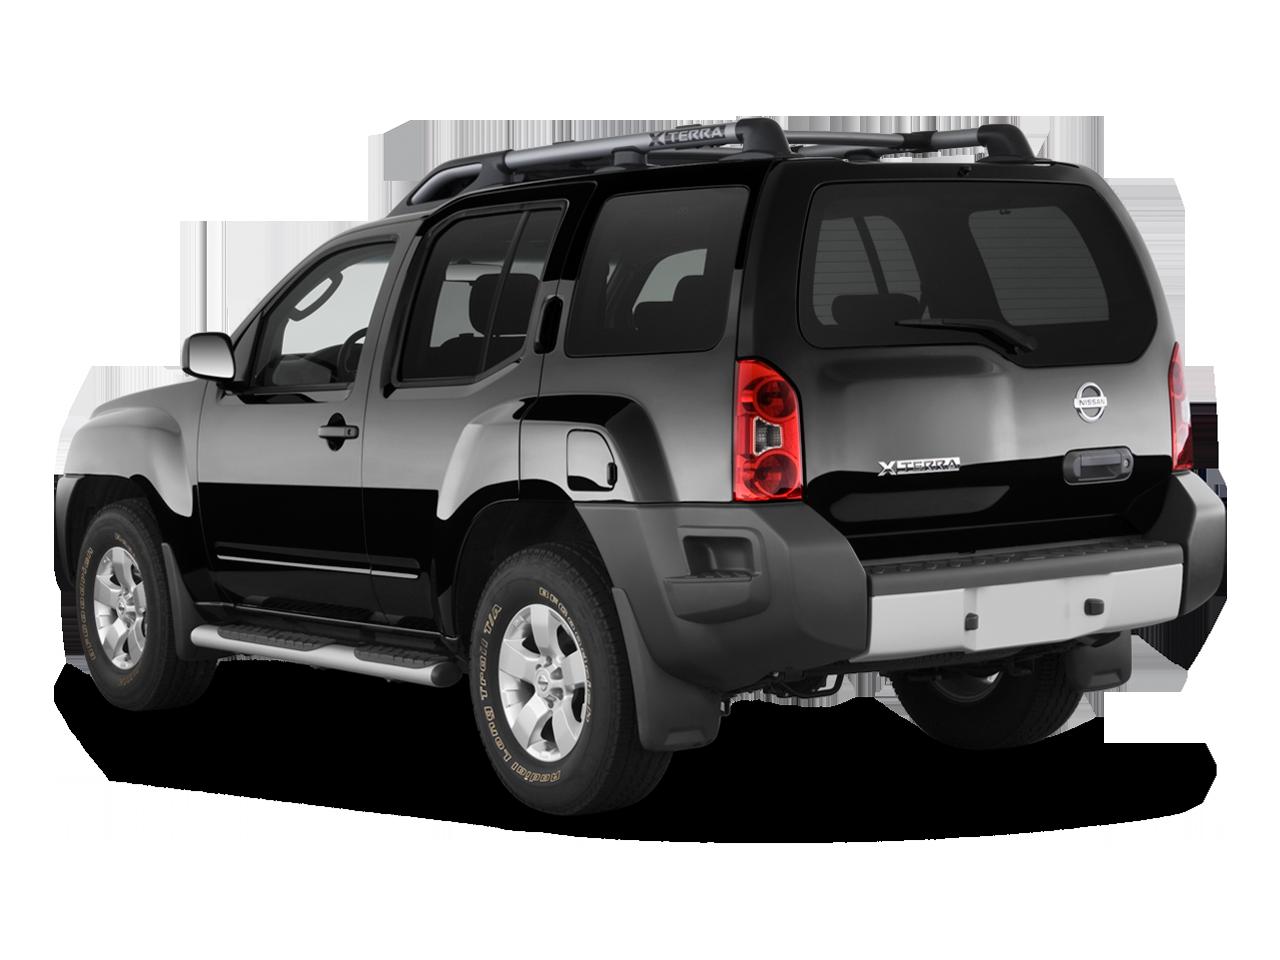 Nissan Xterra II Restyling 2008 - 2015 SUV 5 door #6